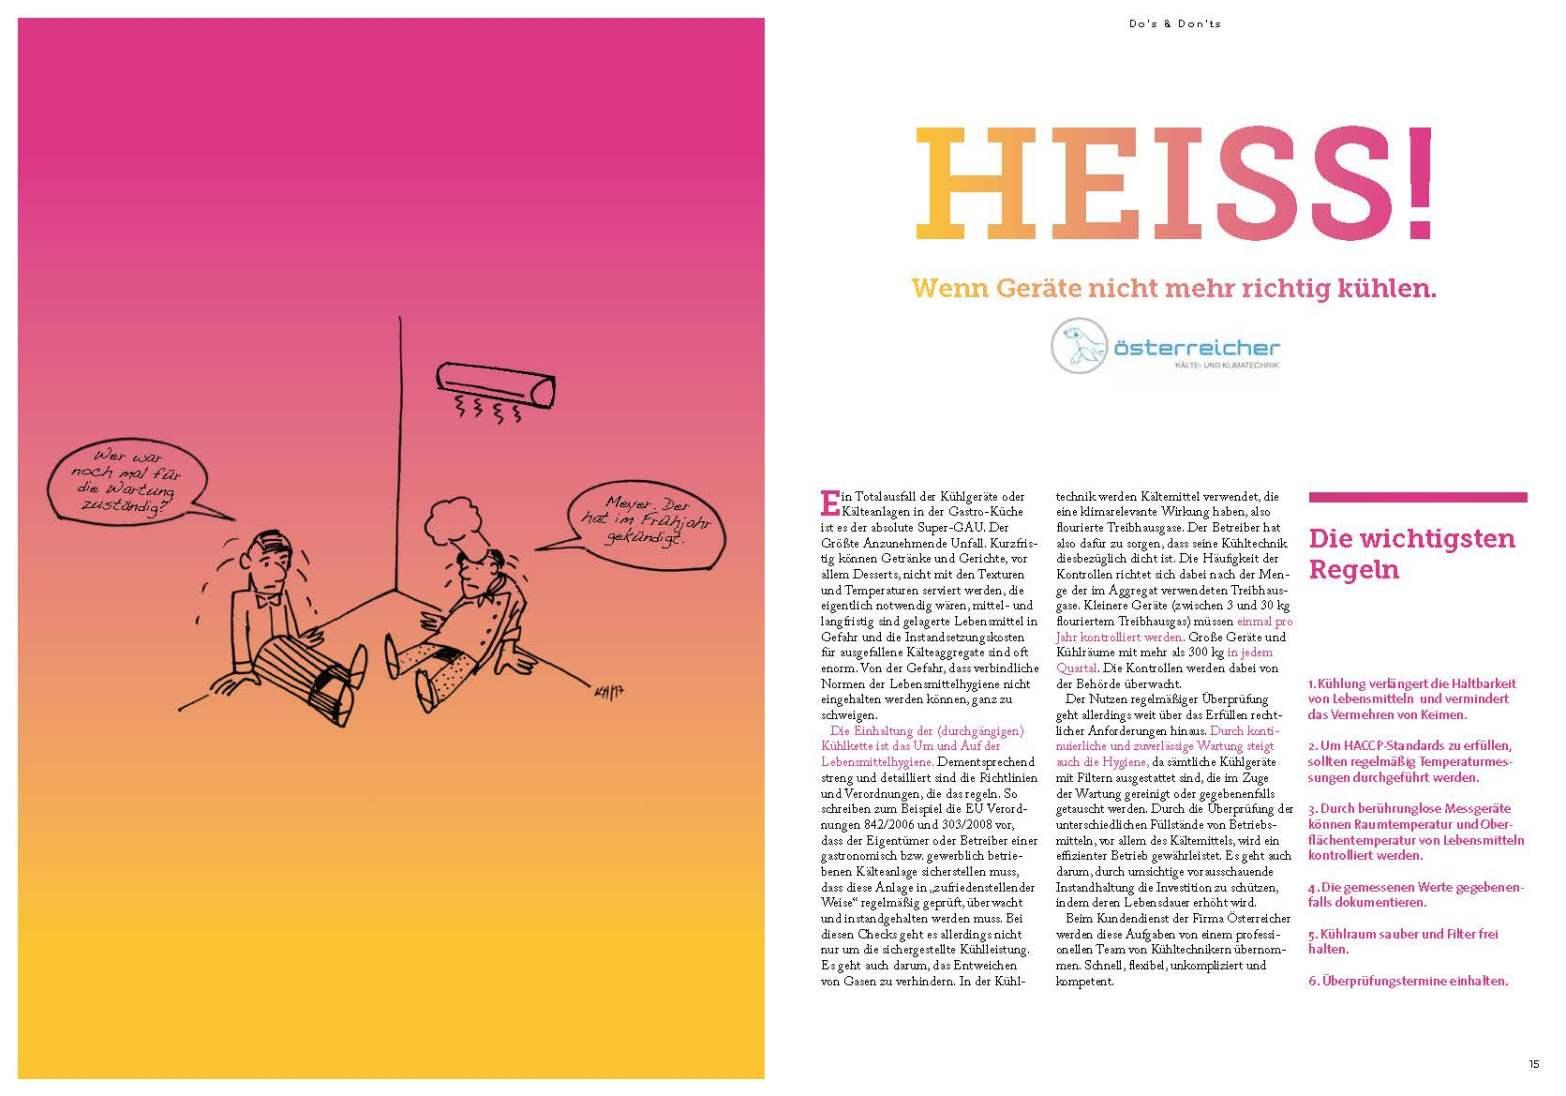 Geräte-Tipps von Österreicher Zutat 5-2017_08 (c)kheymach Magazindesign